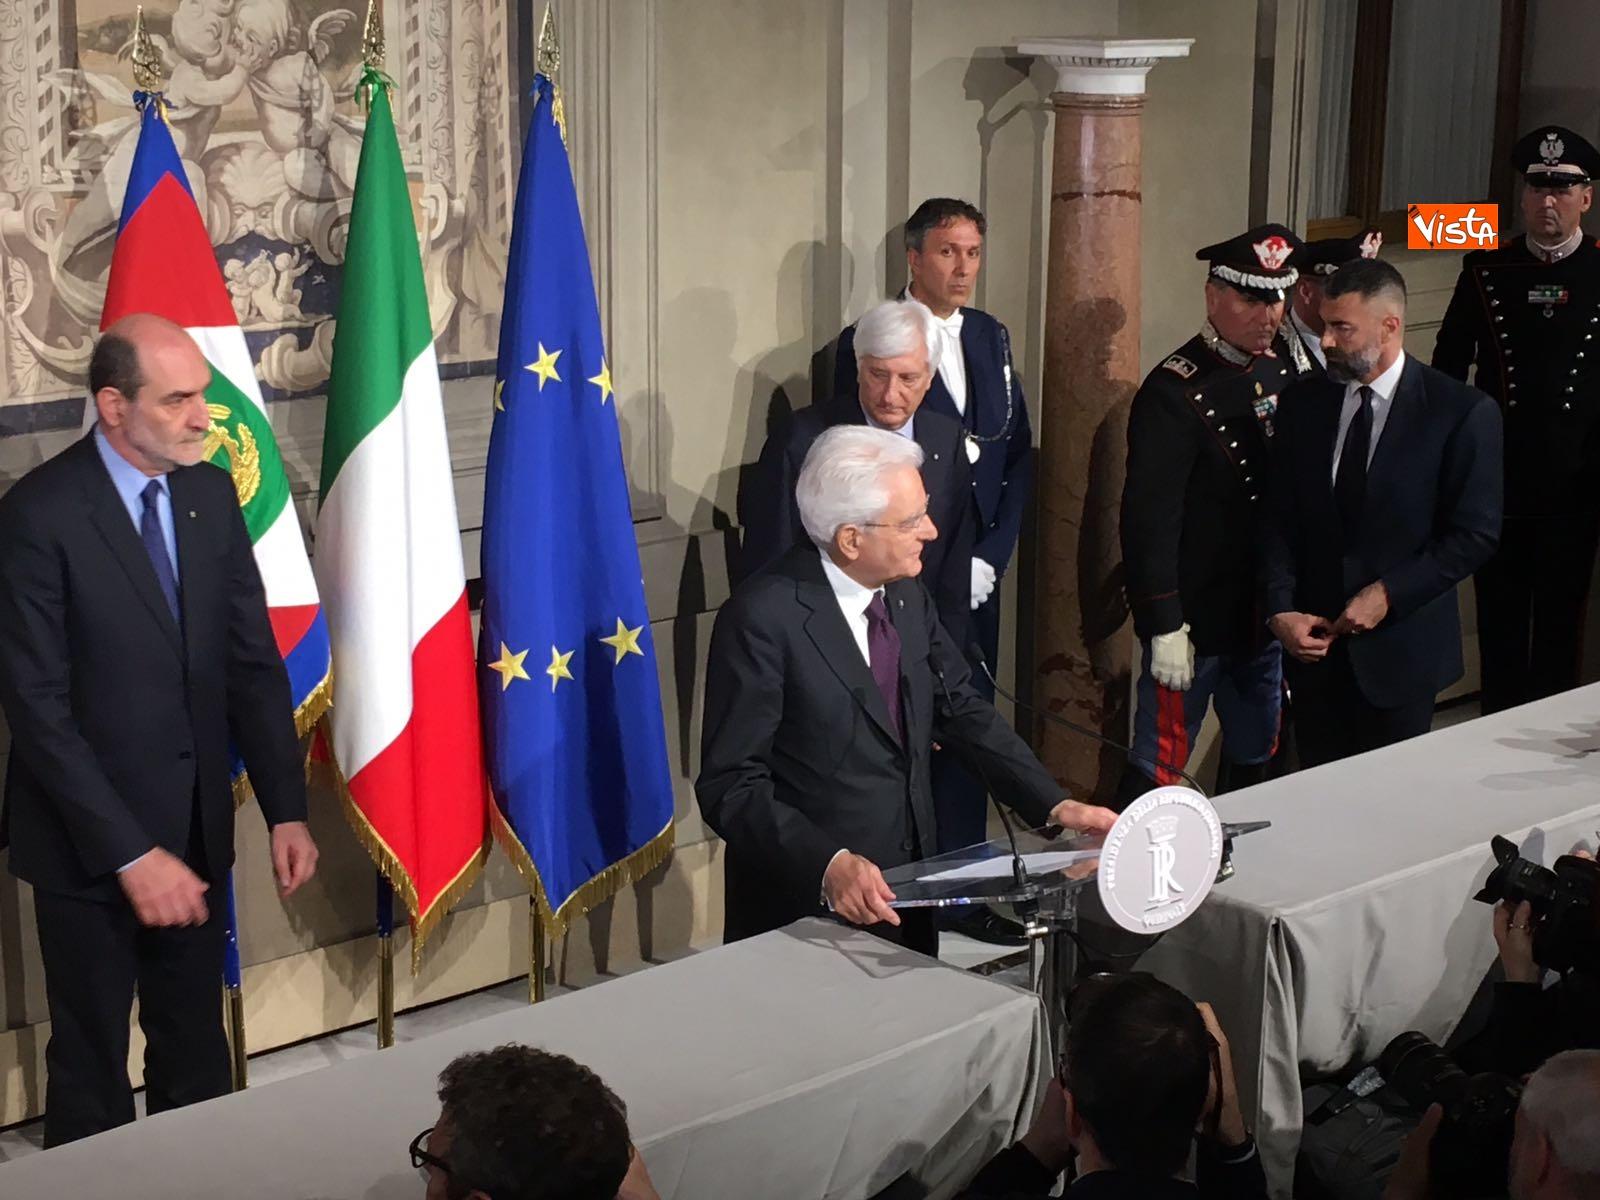 07-05-18 Mattarella il discorso al termine delle consultazioni immagini_13